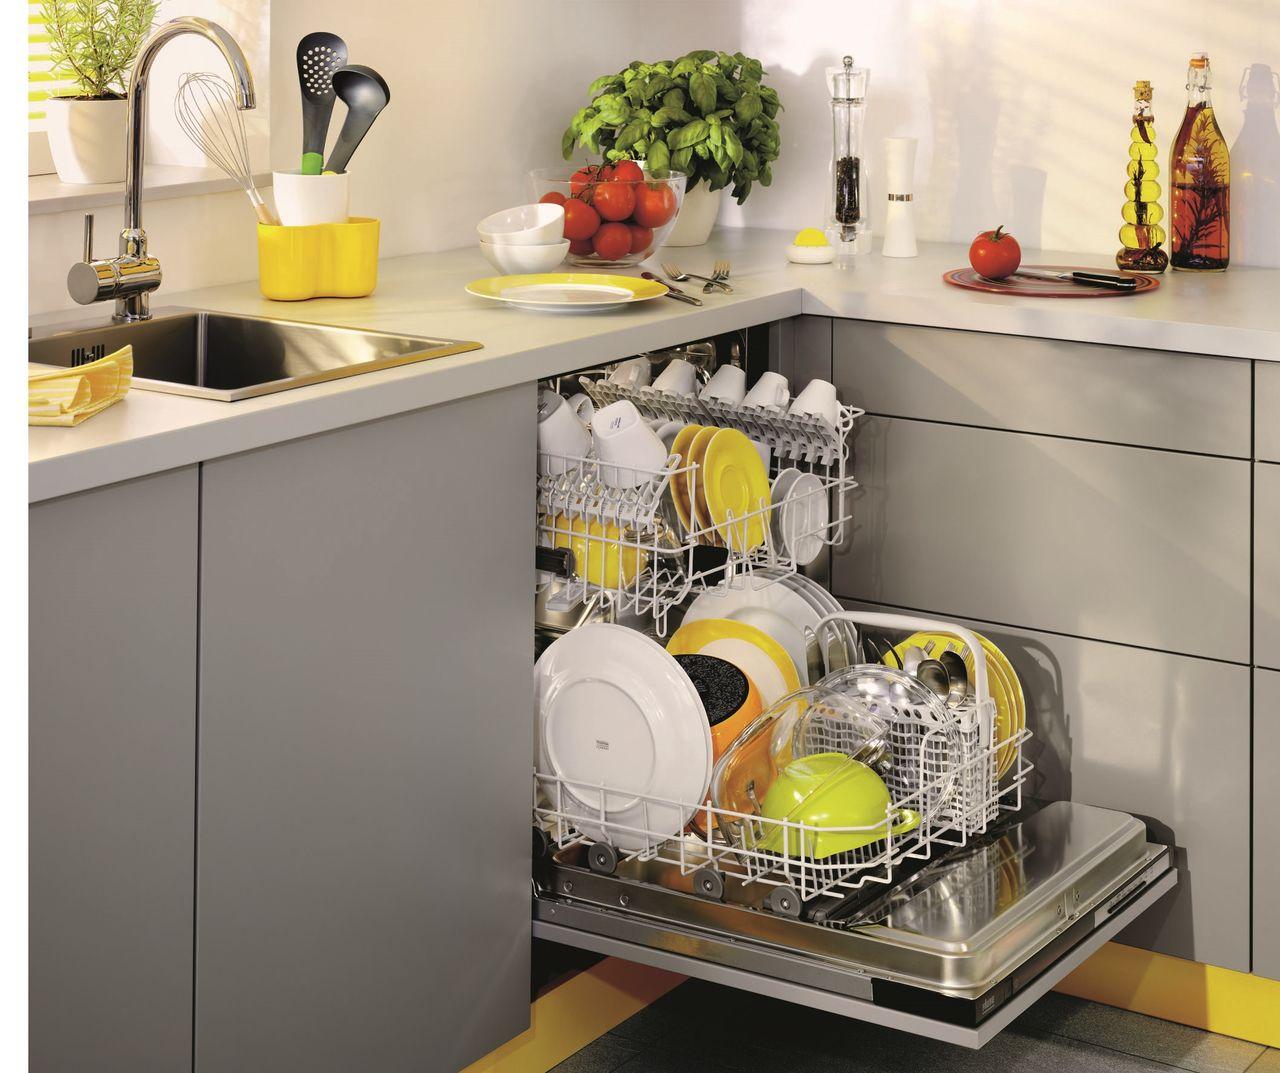 Как ухаживать за посудомоечной машиной в домашних условиях_6